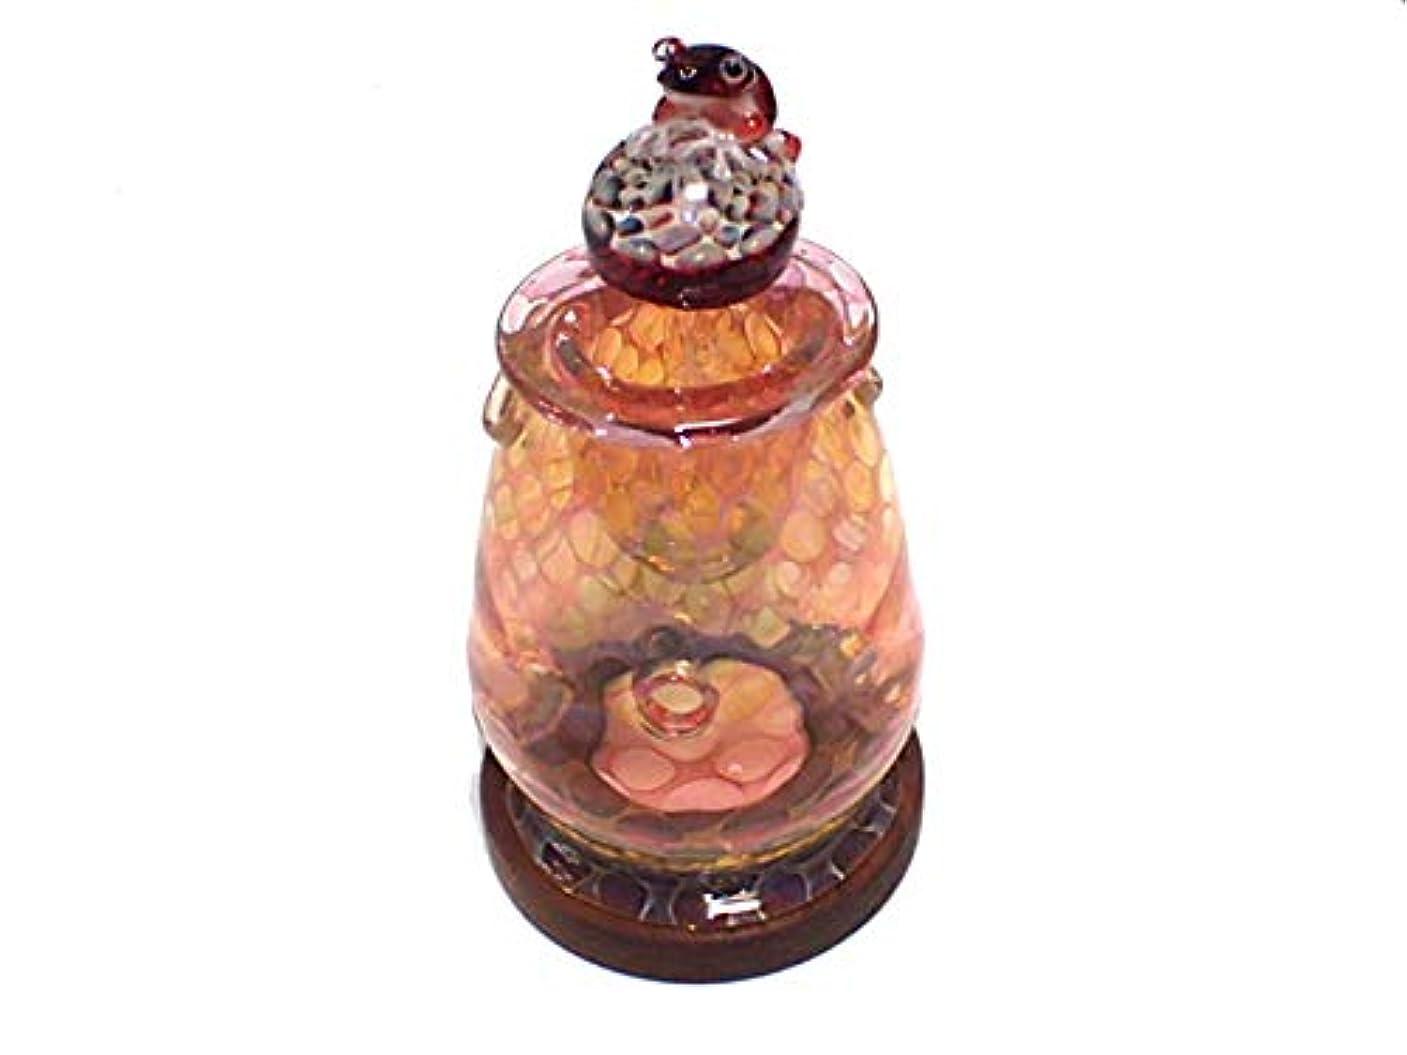 さておき盲目ブレーク『 アロマポット Frog on a Mshuroom 四 (台付き)』【 kengtaro ケンタロー 】 キノコ カエル 一点もの ボロシリケイトガラス 職人 作家 蛙 かえる フロッグ 高級 お香 リラックス